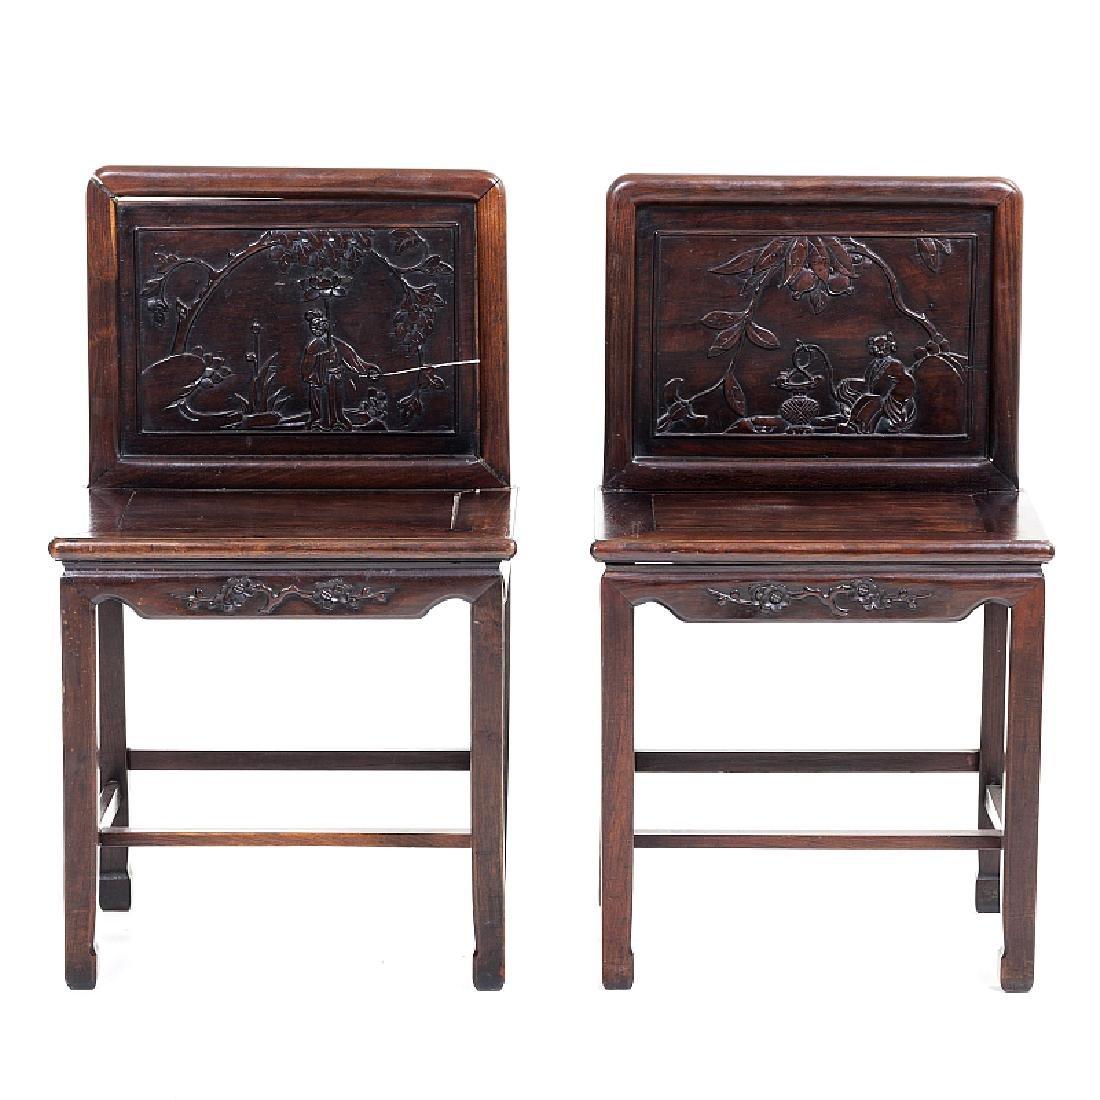 Pair of tamarind wood Chinese chairs